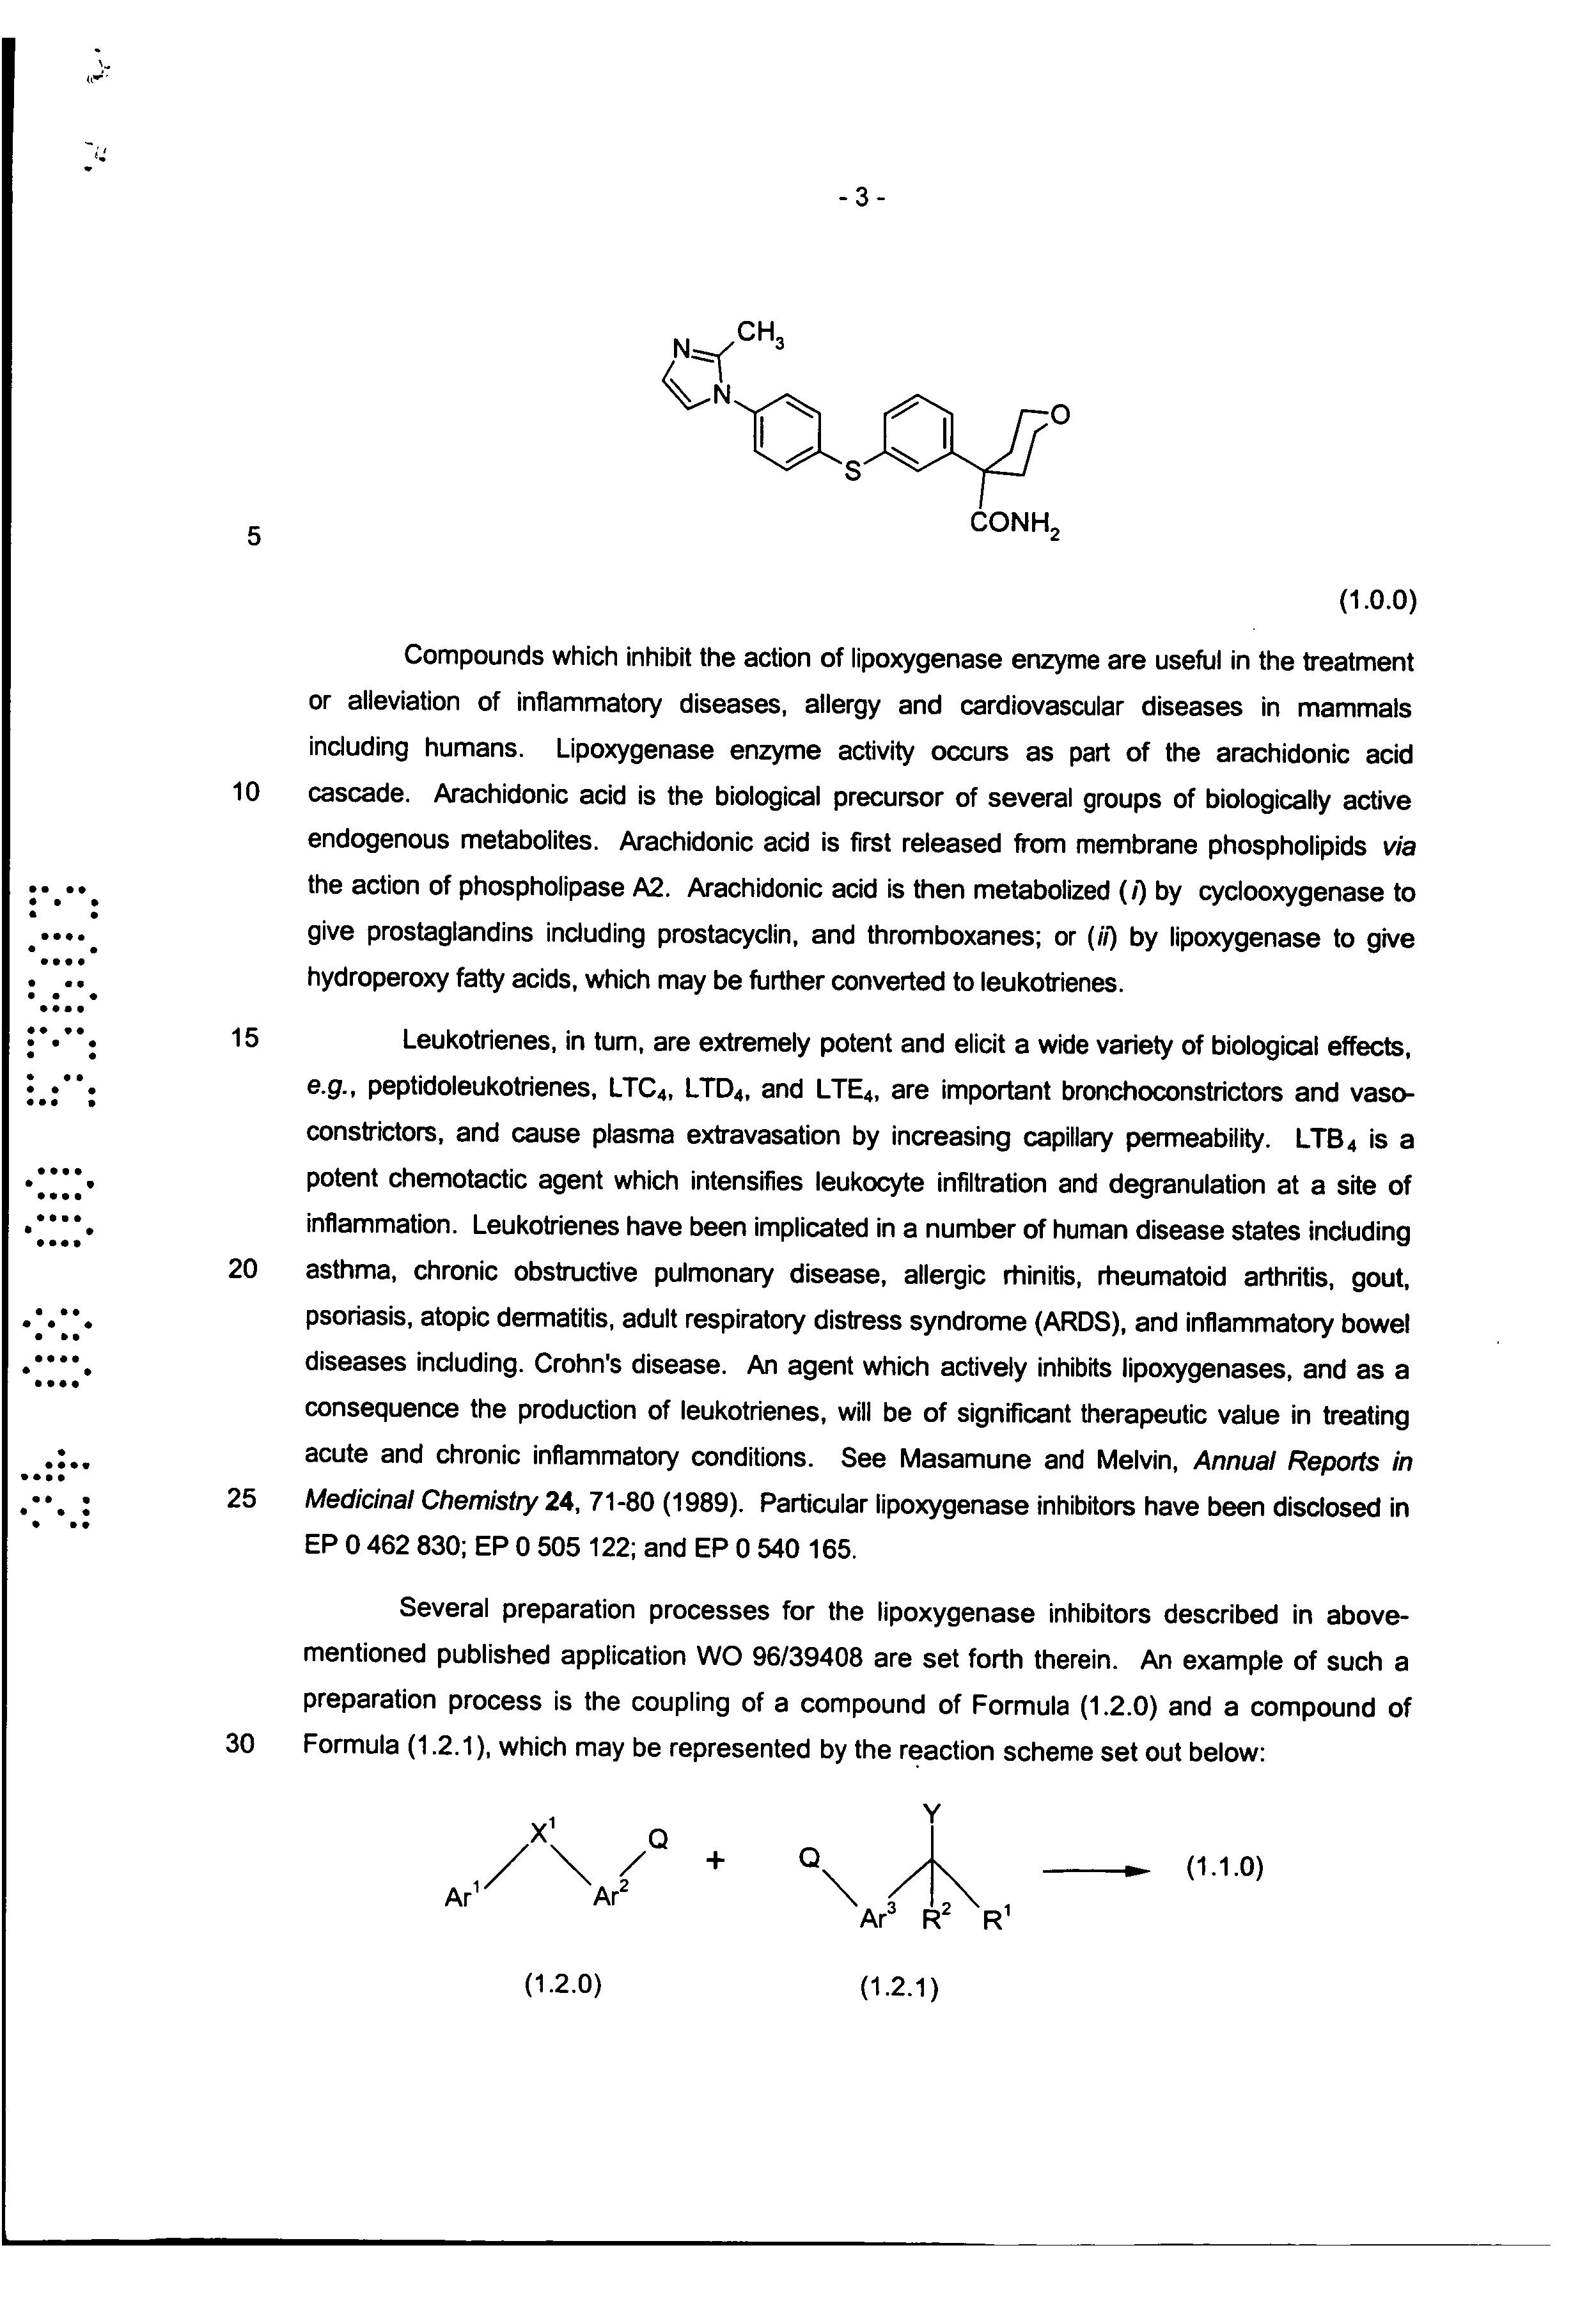 Id 27129 A Proses Proses Untuk Pembuatan Penghambat Penghambat 5